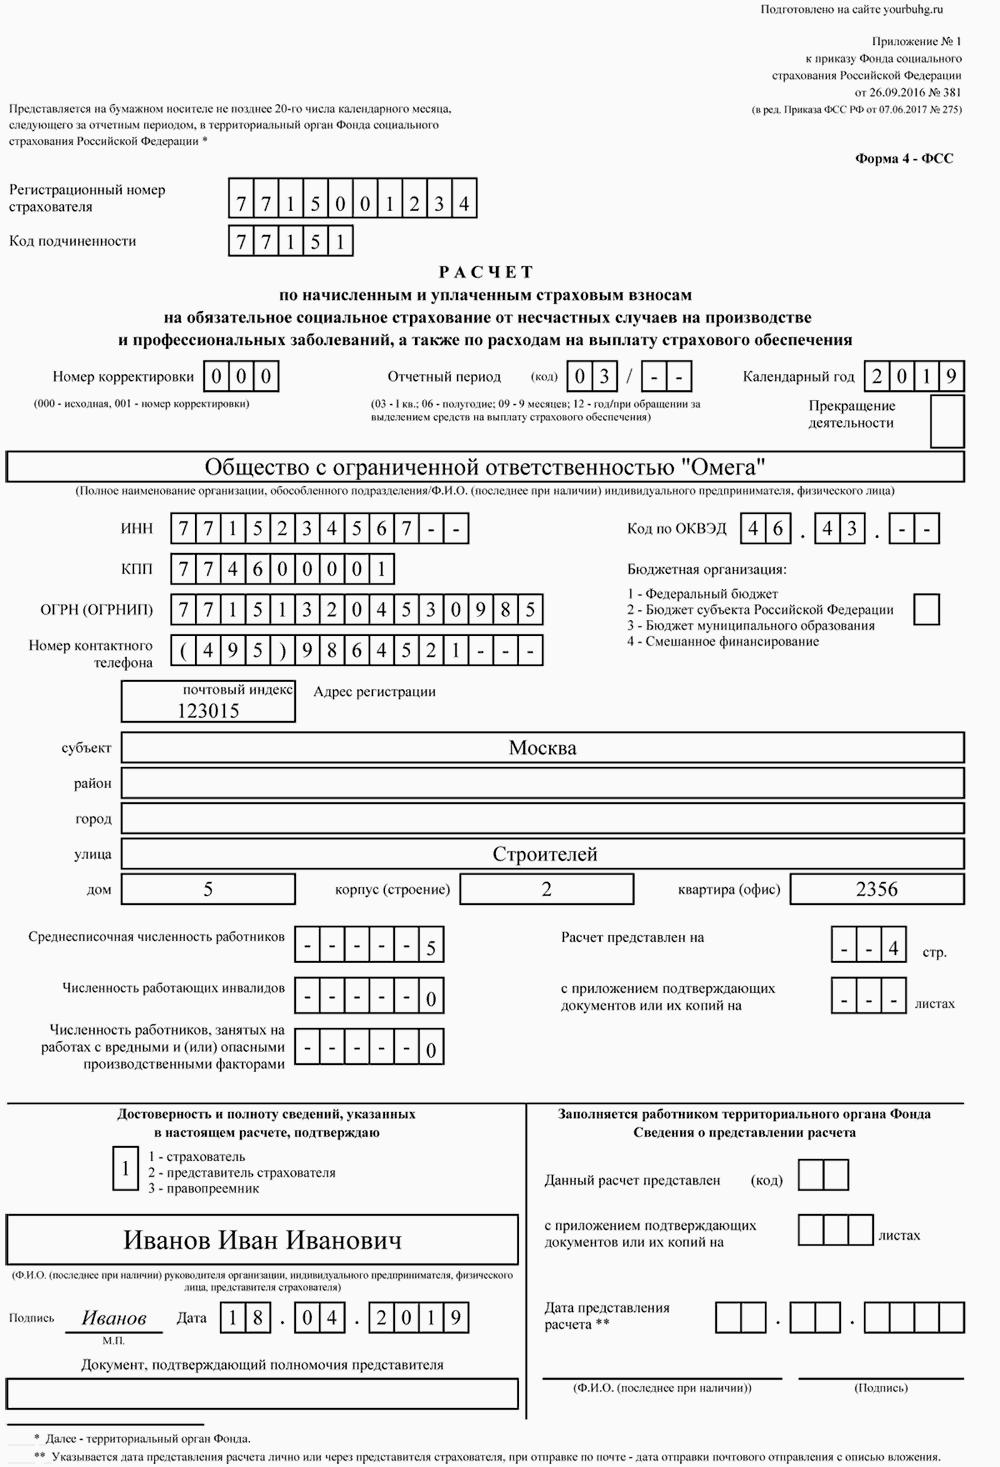 Пример заполнения формы 4 фсс за 1 квартал 2019 лист 1